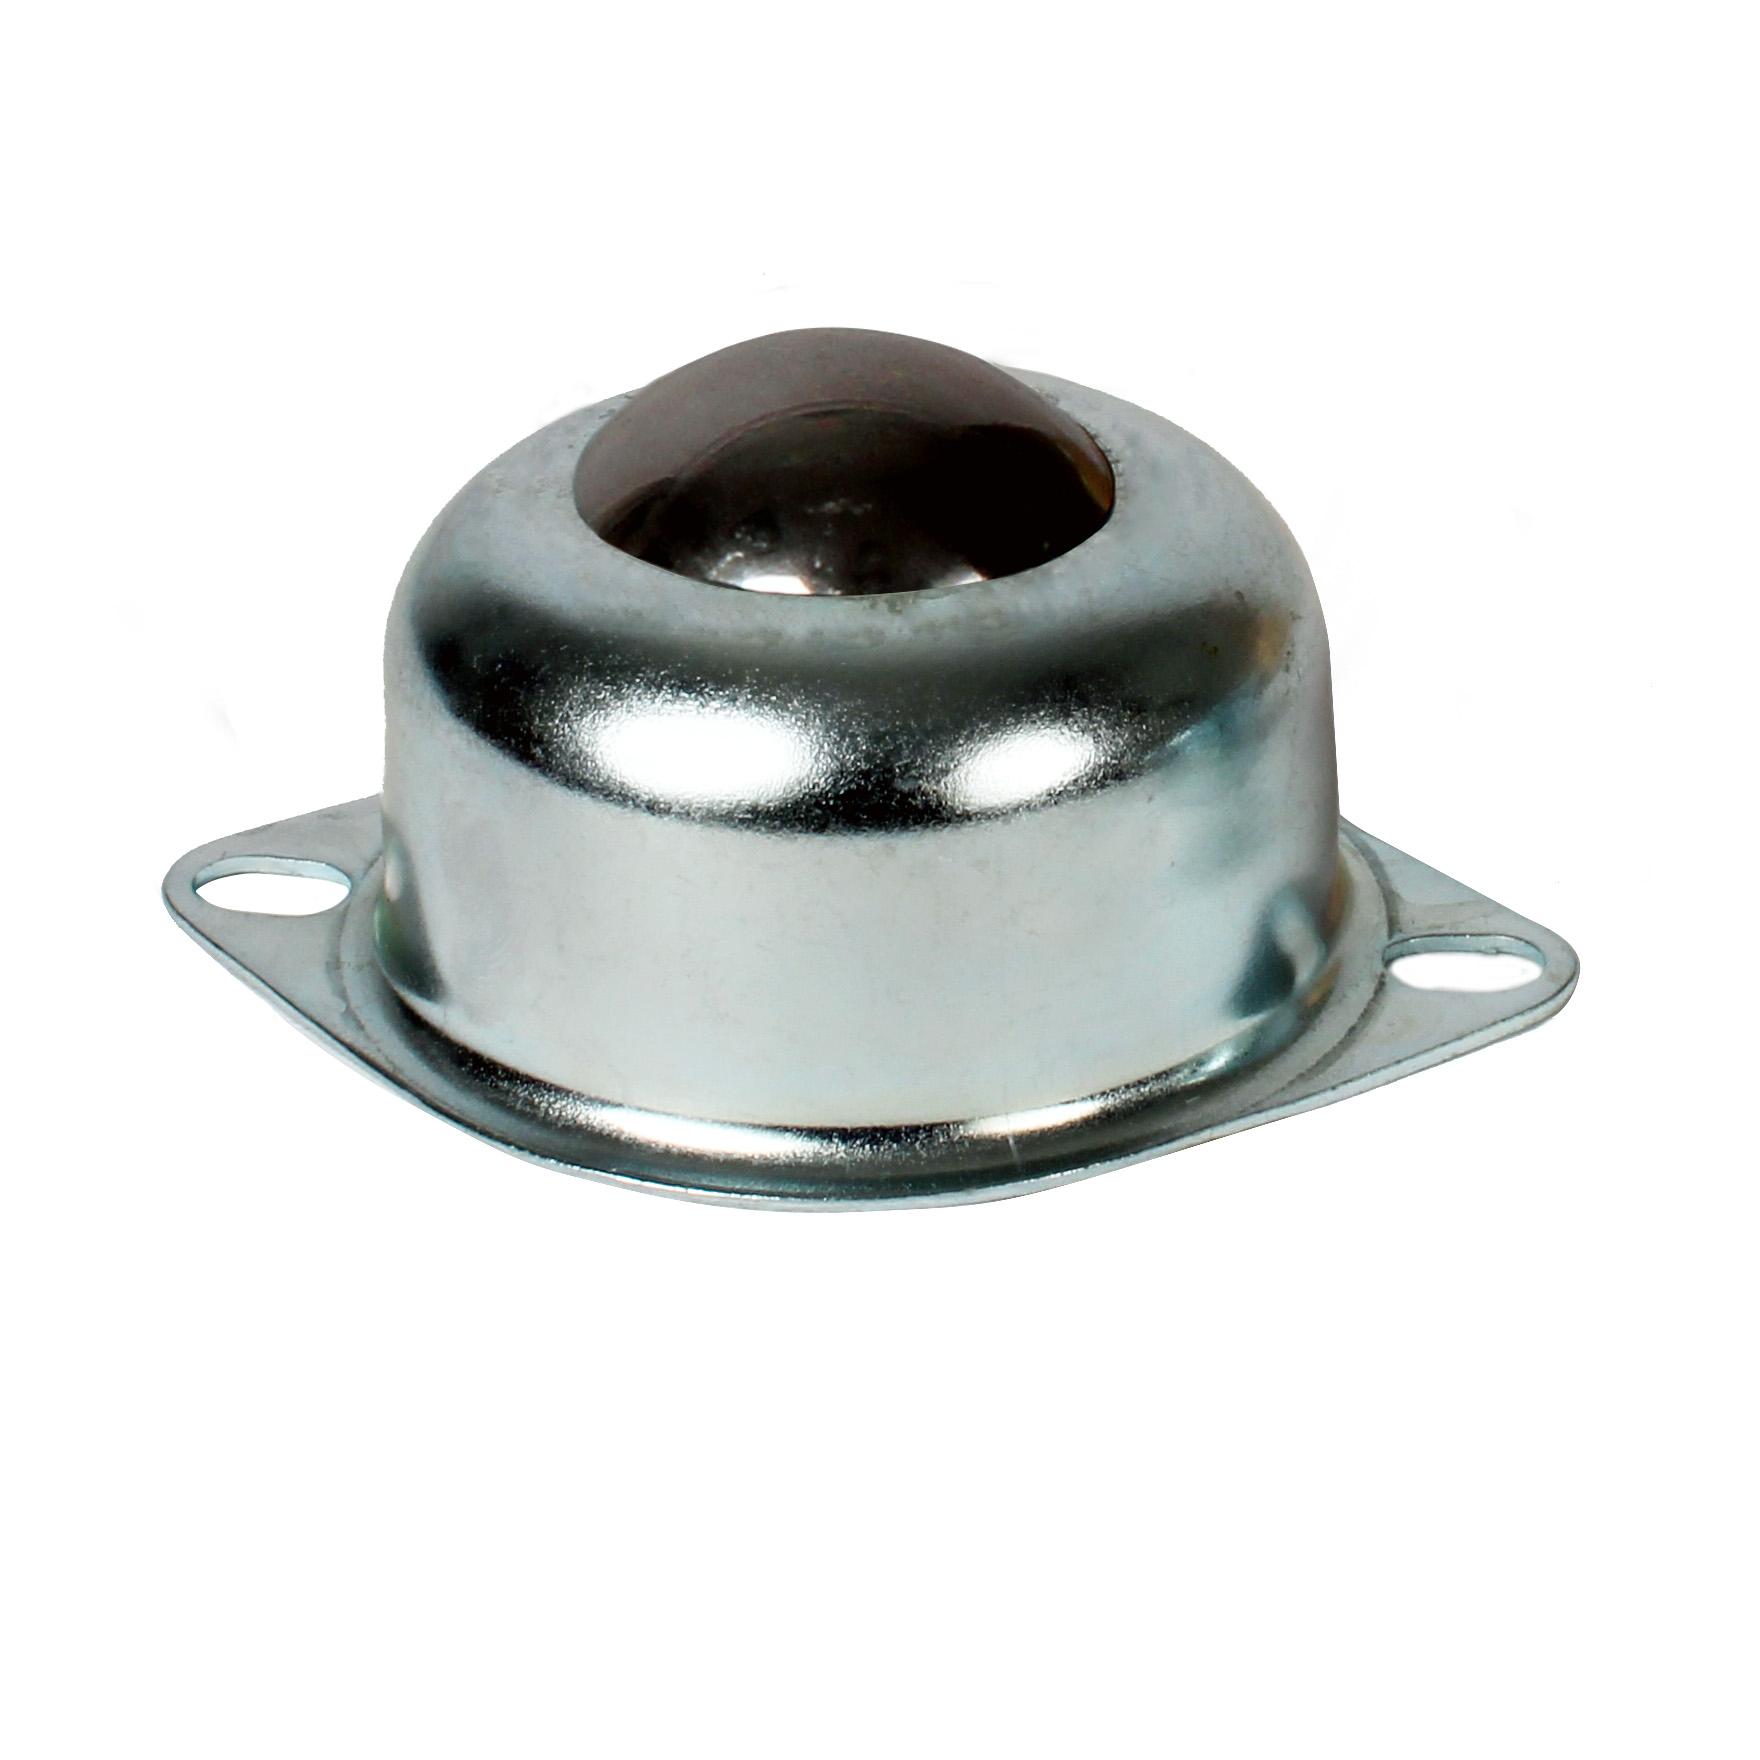 Bille porteuse - Légère - Corps inox / billes inox - Profil haut